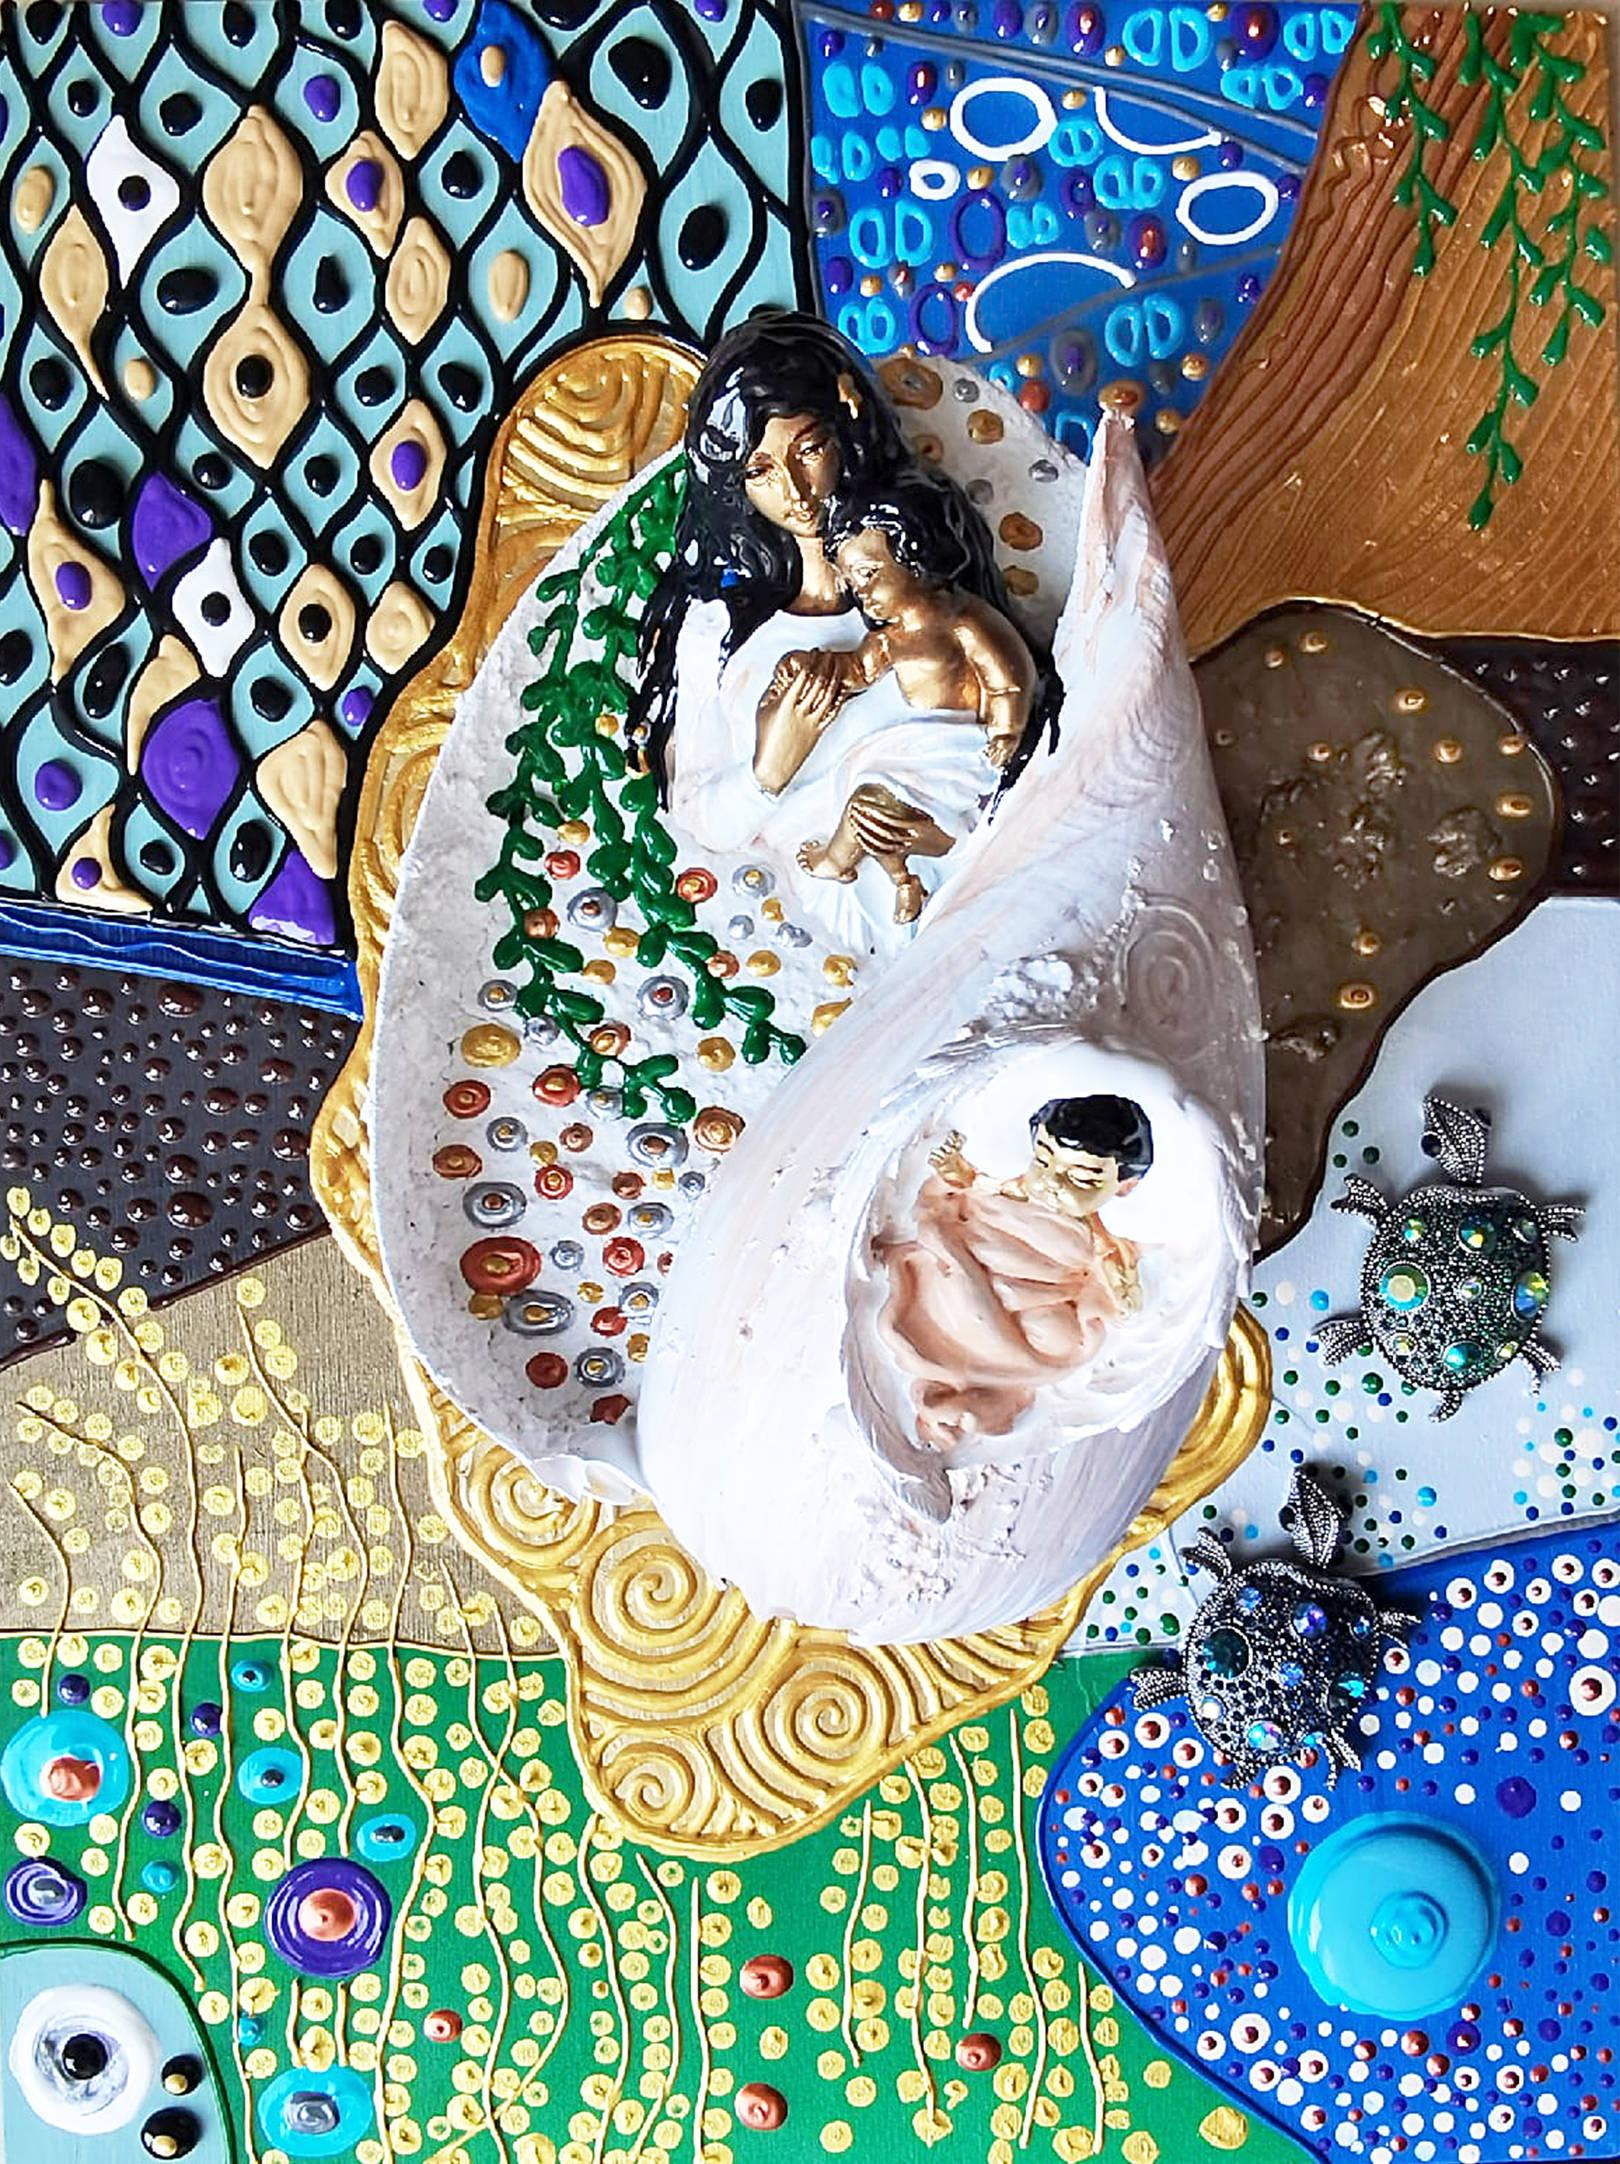 Акрил, деревянная панель, декоративные элементы, гипс, металл, пластик, акриловая и деревянная мозаика